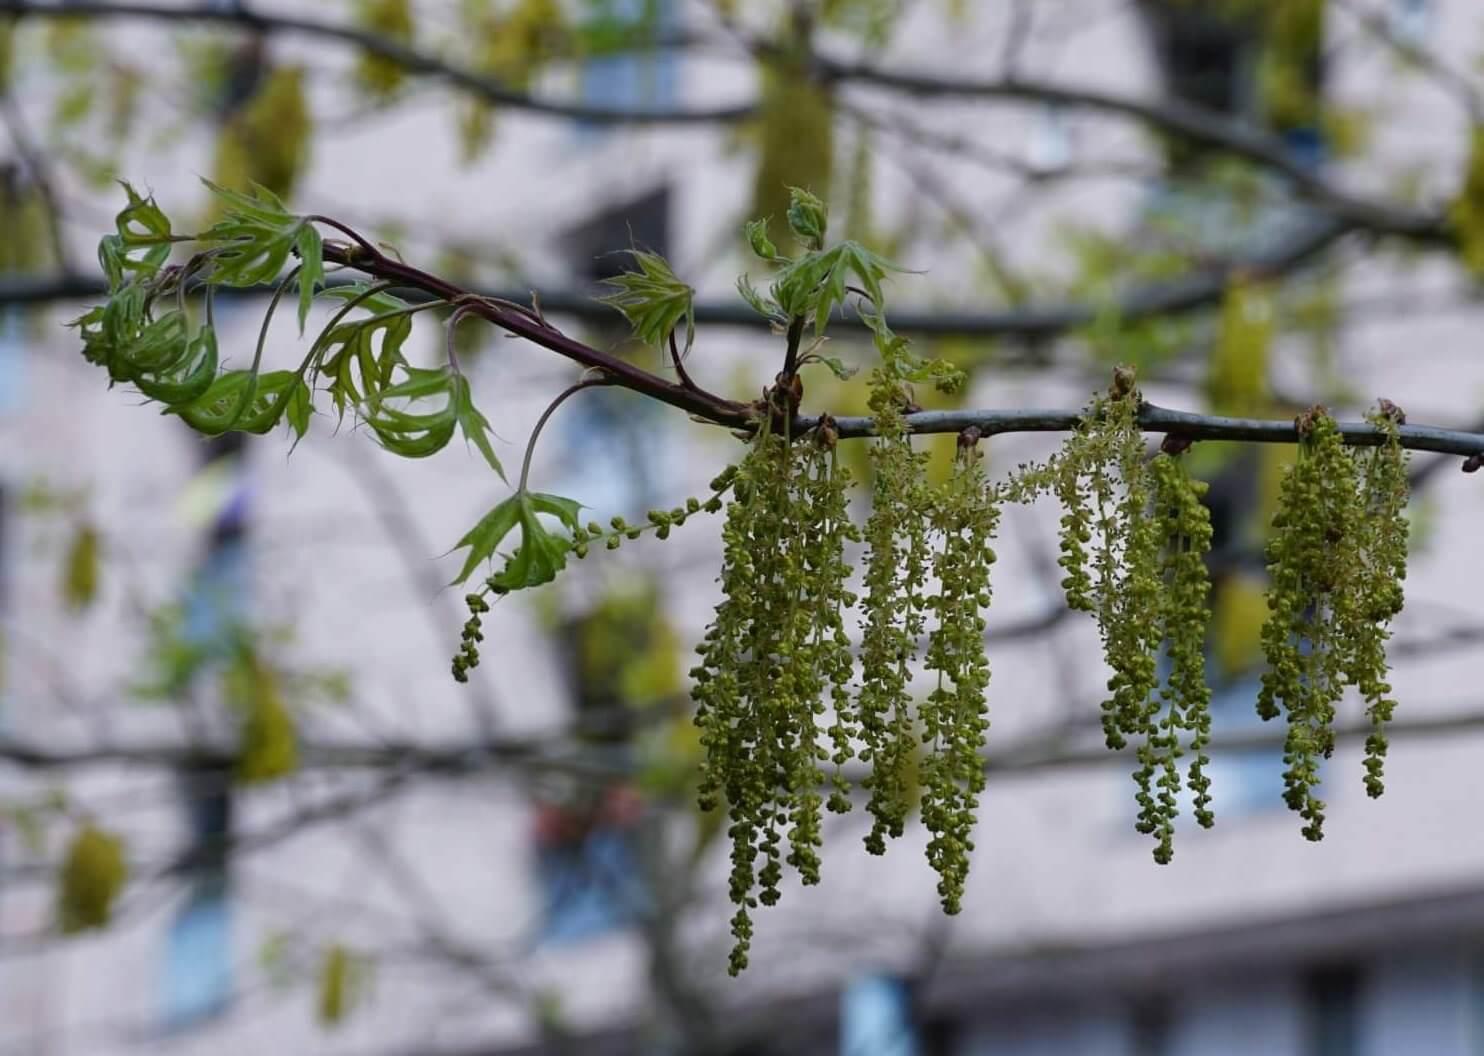 Das Bild zeigt die langen männlichen Blütenkätzchen einer nordamerikanischen Scharlach-Eiche im Kosmosviertel, Altglienicke-Süd.